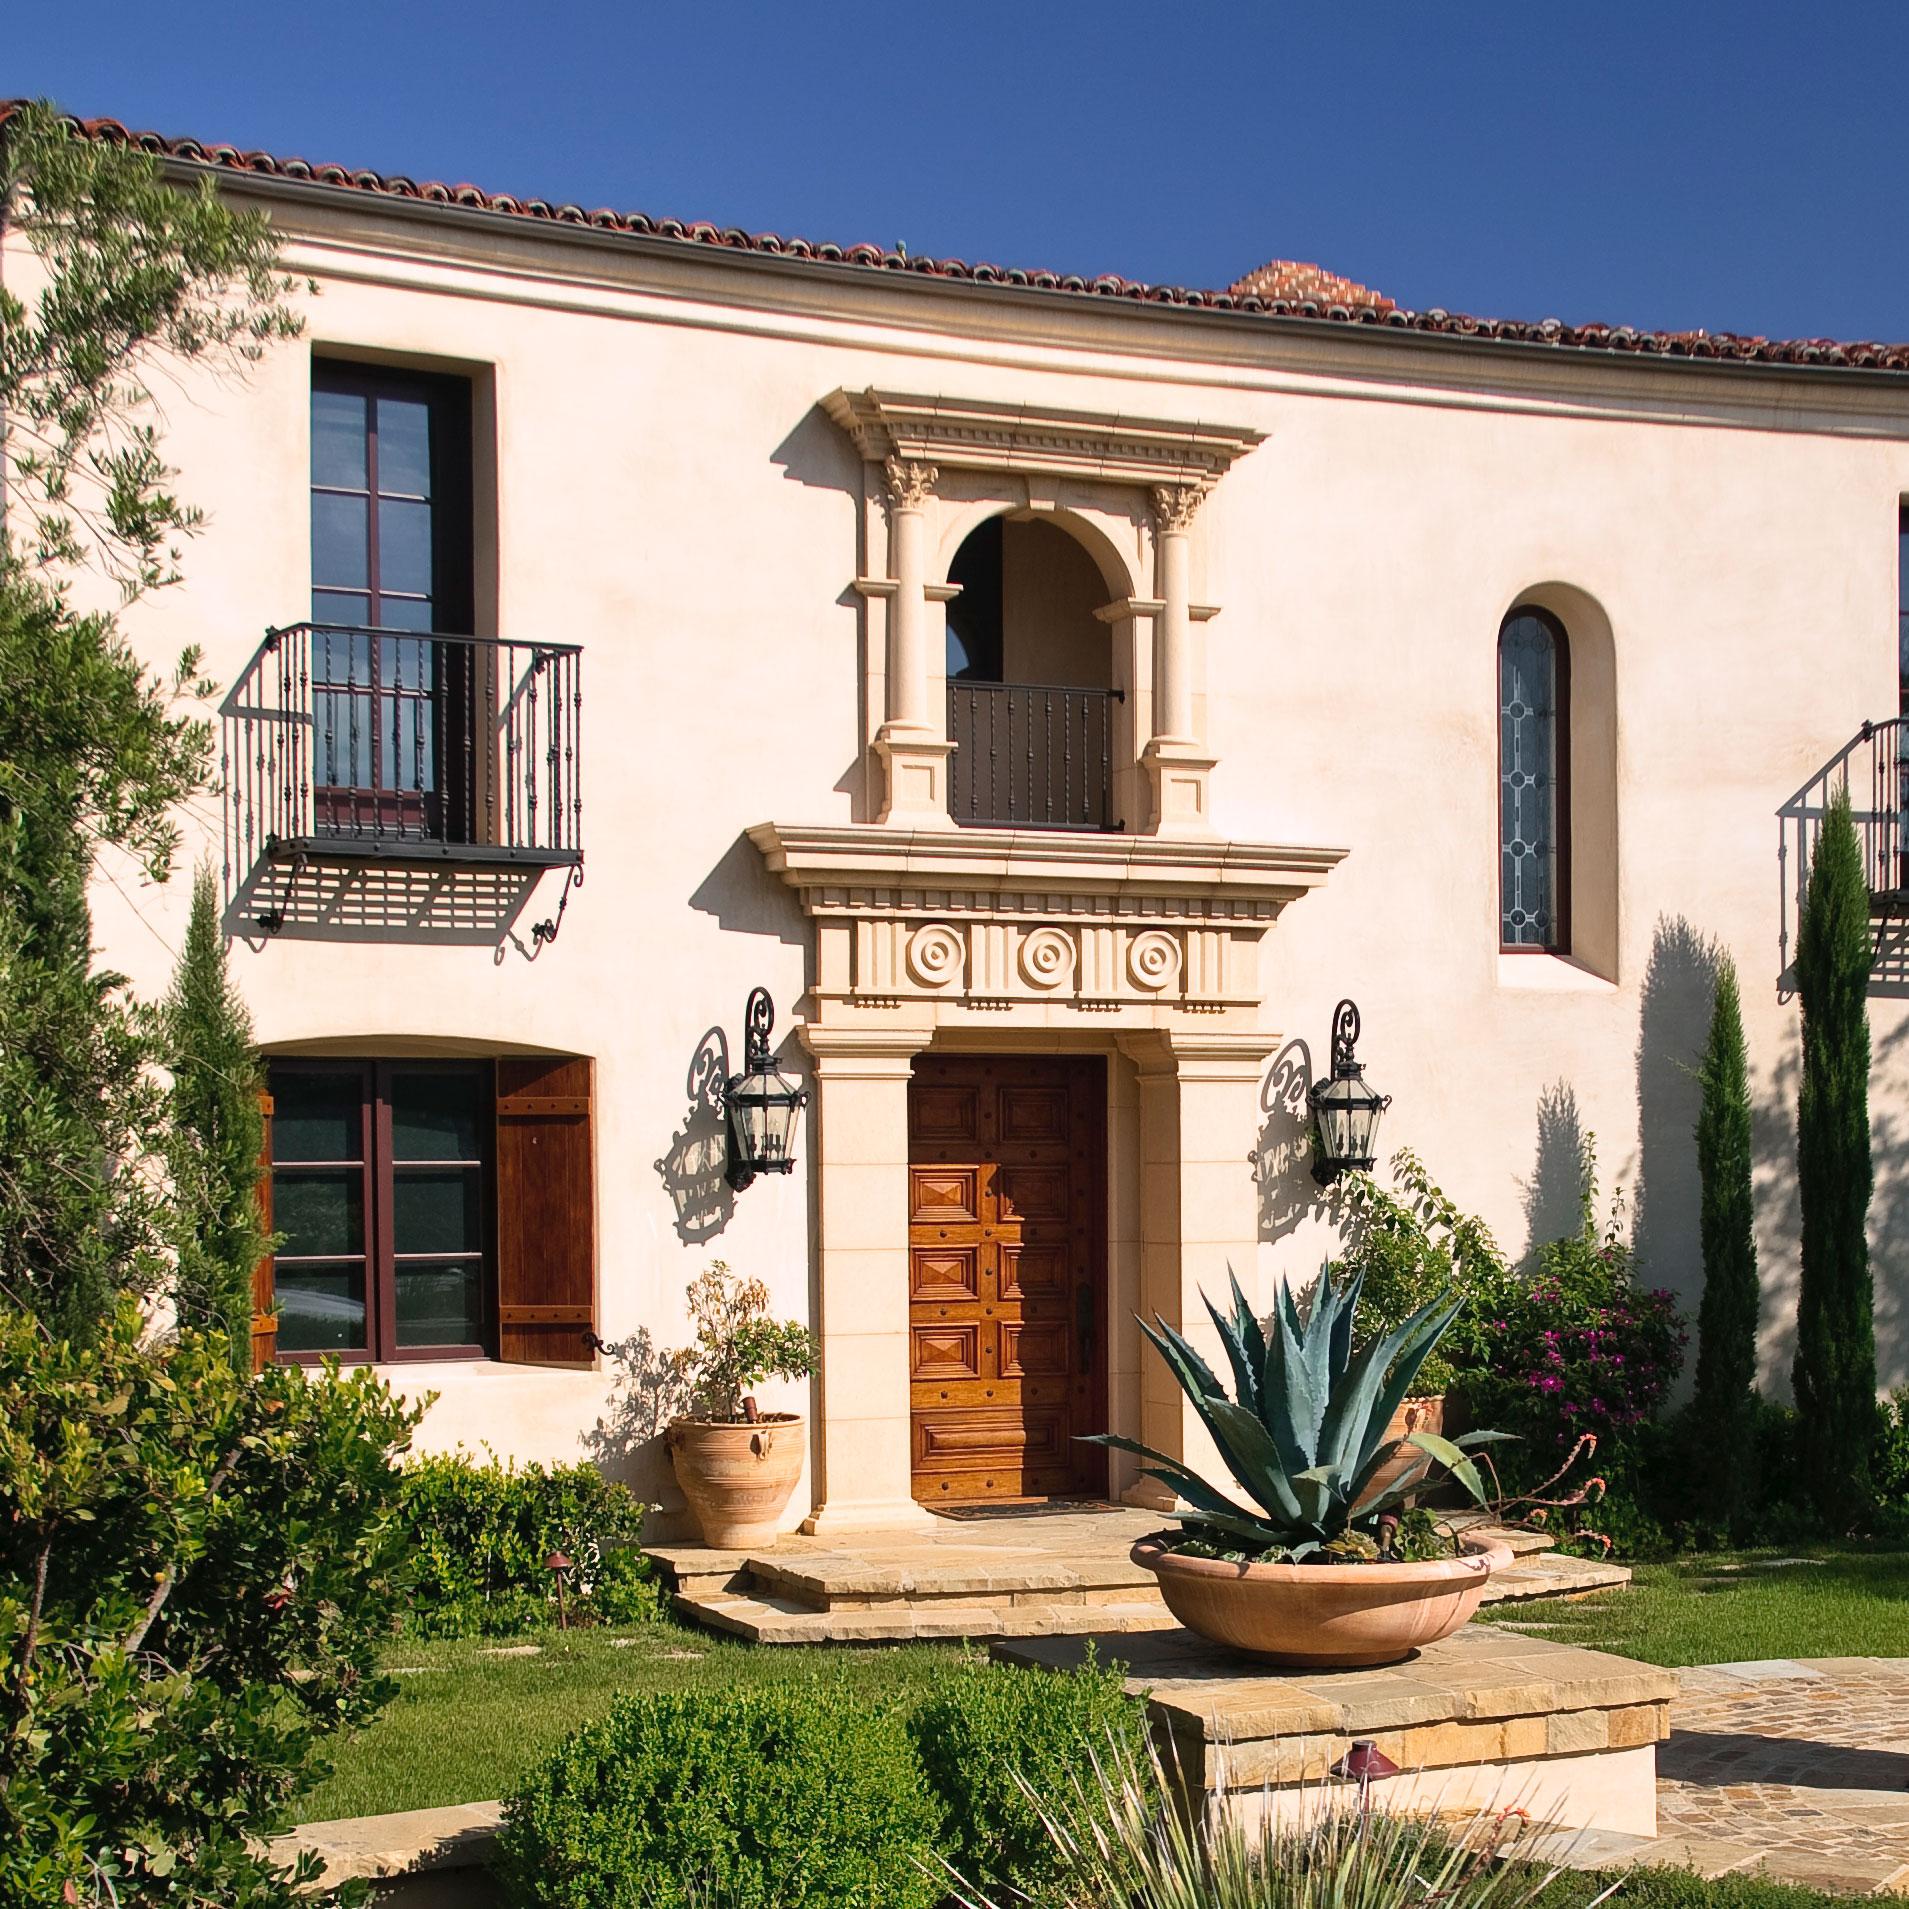 SHady Canyon - Andalusian Revival Villa